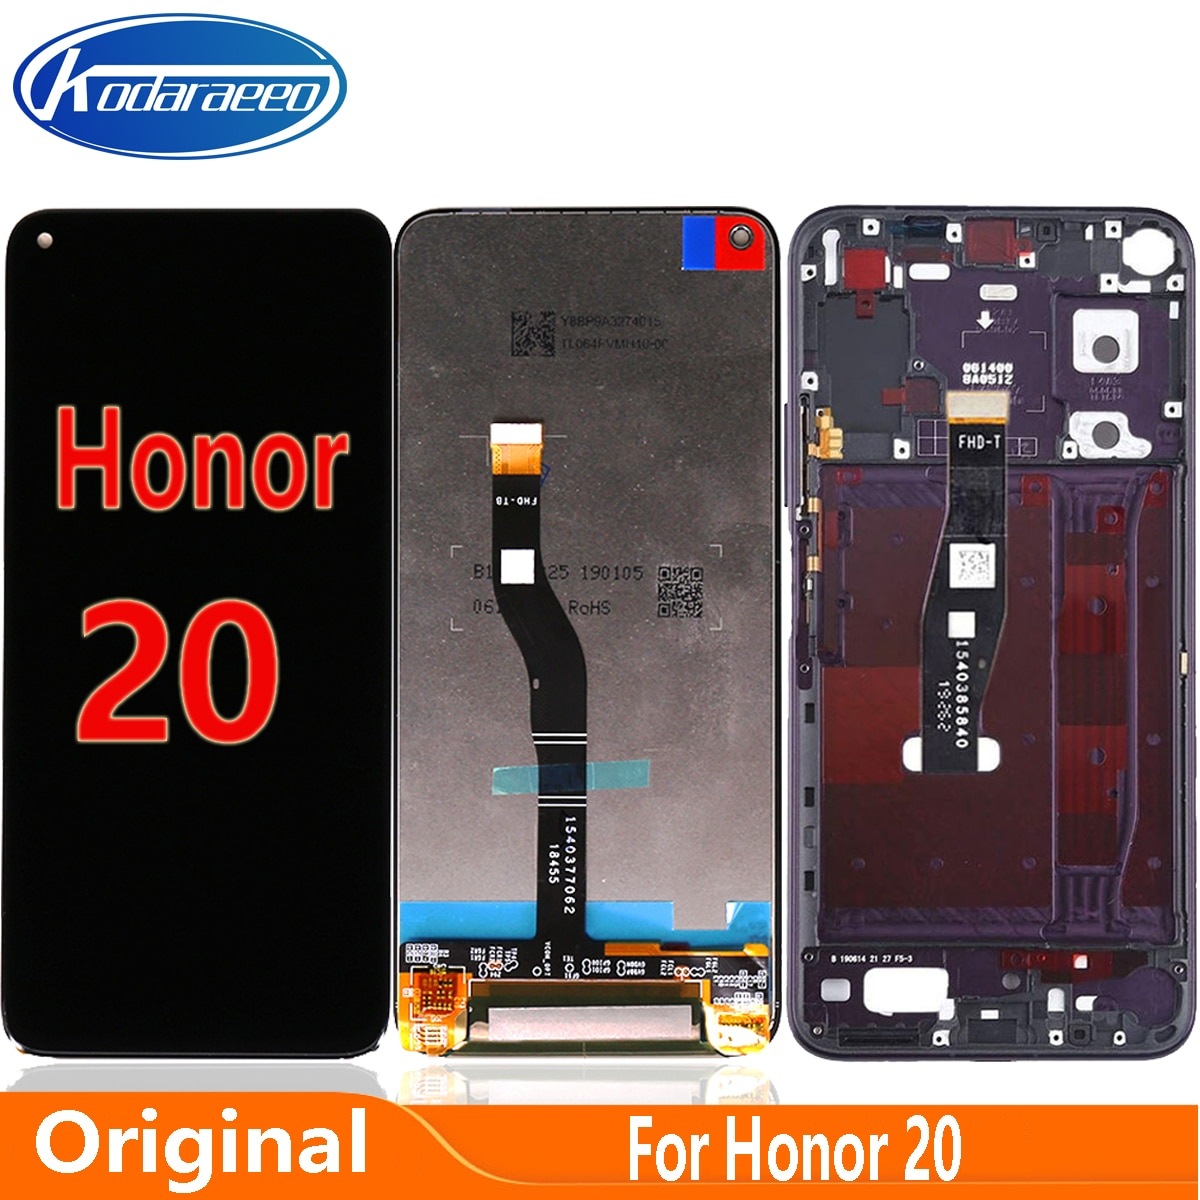 الأصلي شاشة لهواوي الشرف 20 LCD عرض تعمل باللمس محول الأرقام استبدال YAL-L21 YAL-AL00 شاشة LCD الزجاج YAL-TL00